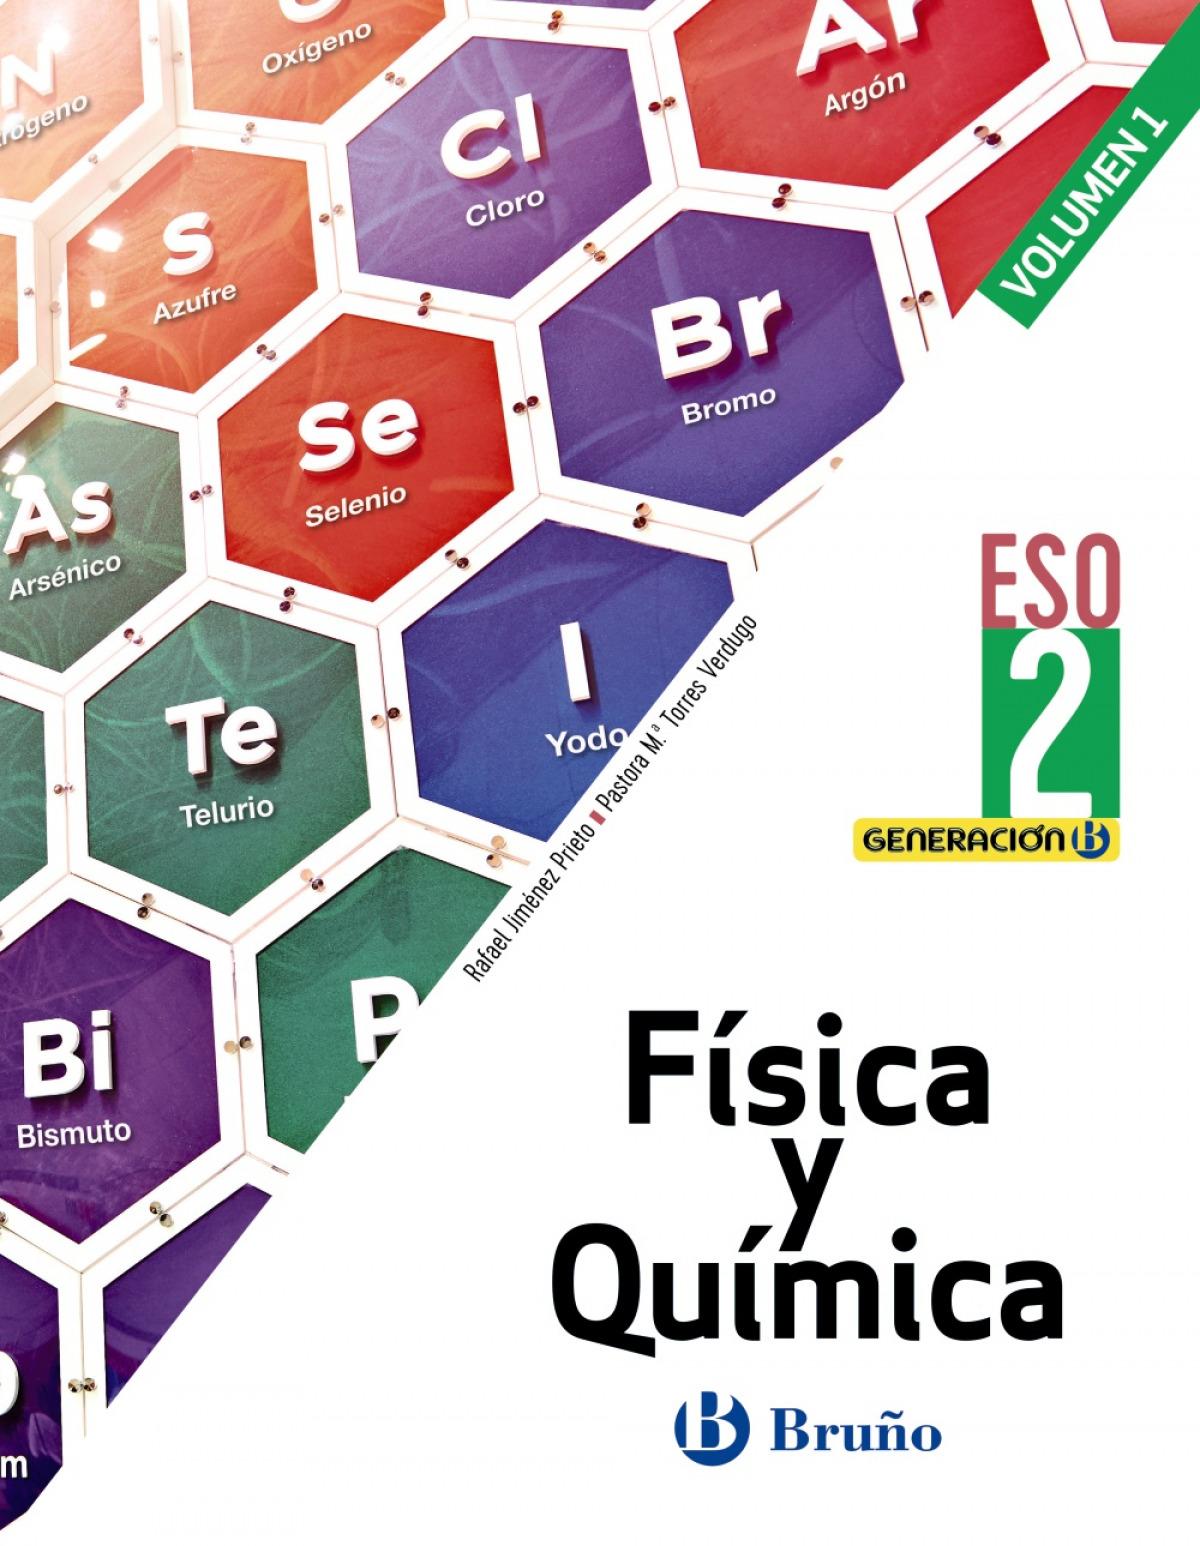 Generación B Física y Química 2 ESO 3 volúmenes